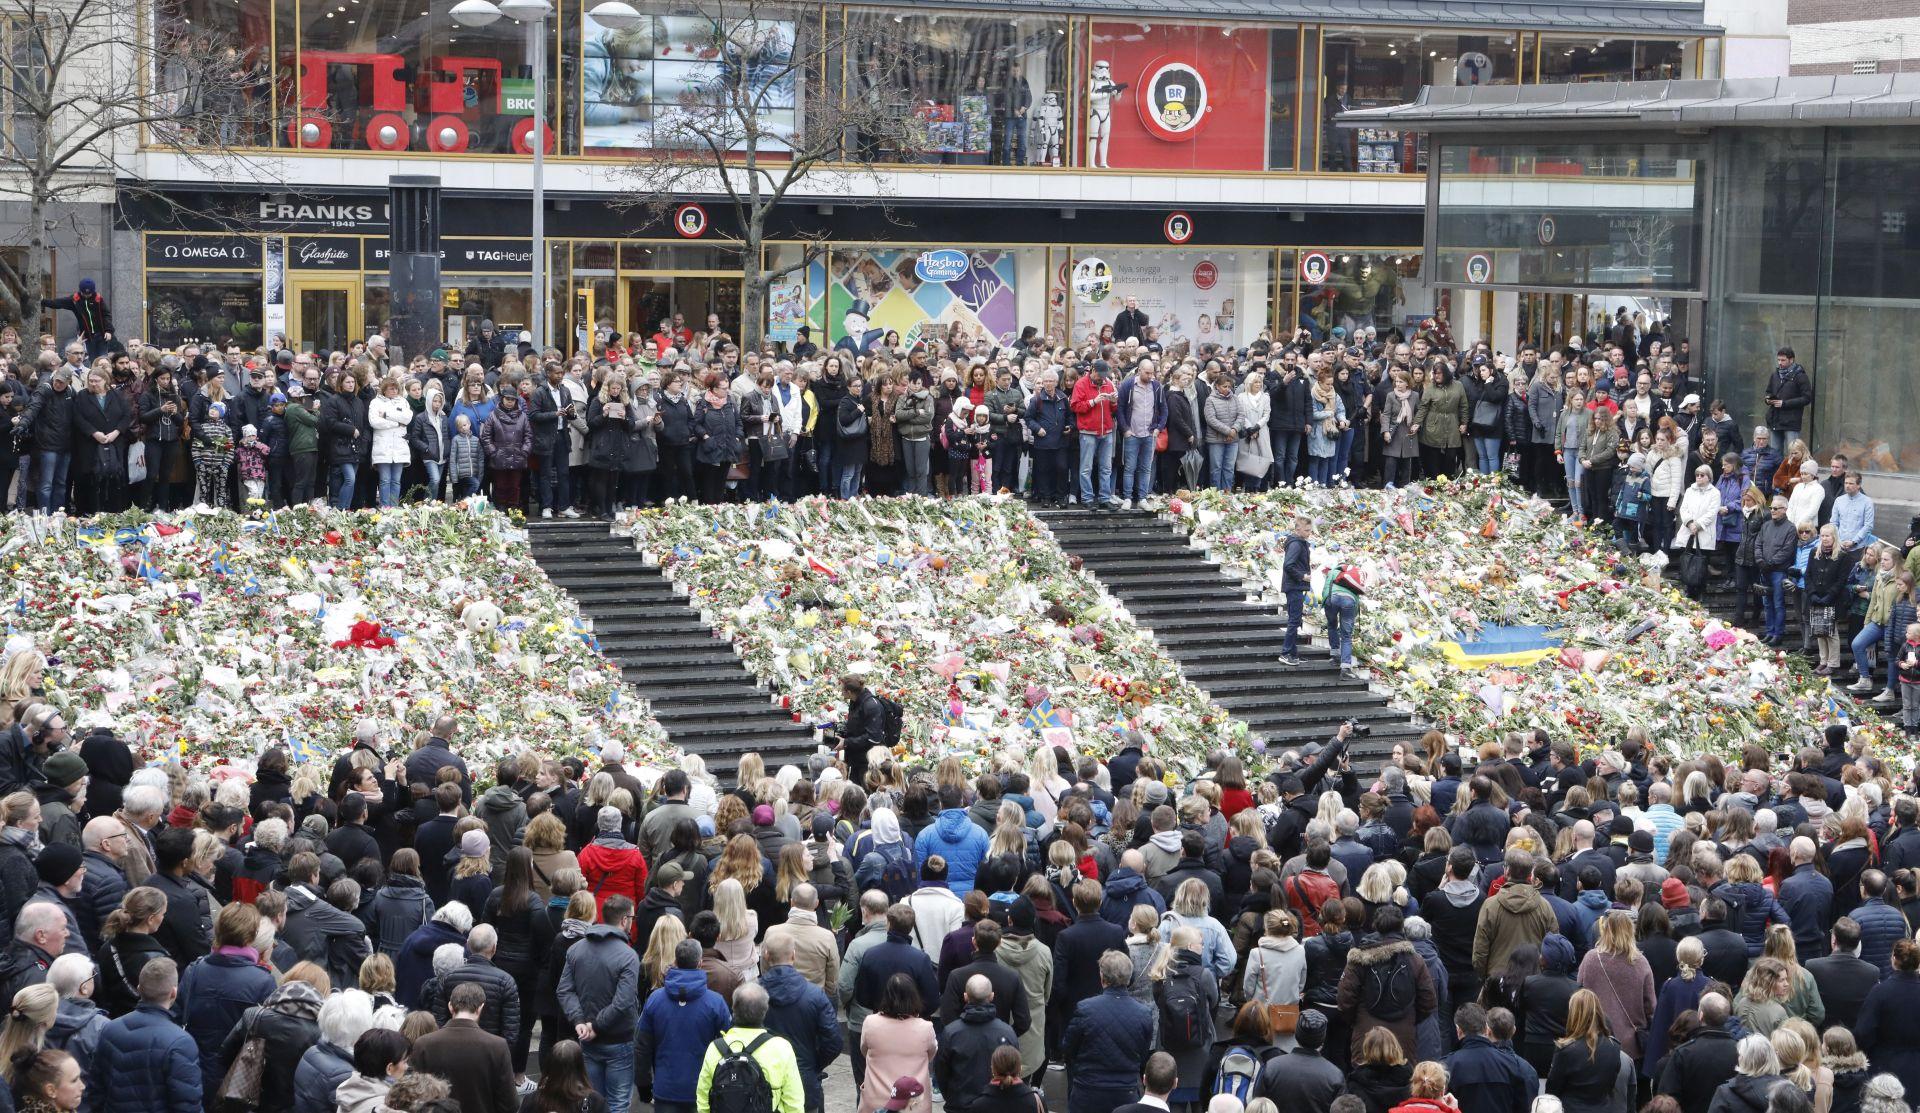 Broj smrtno stradalih u napadu u Stockholmu popeo se na pet